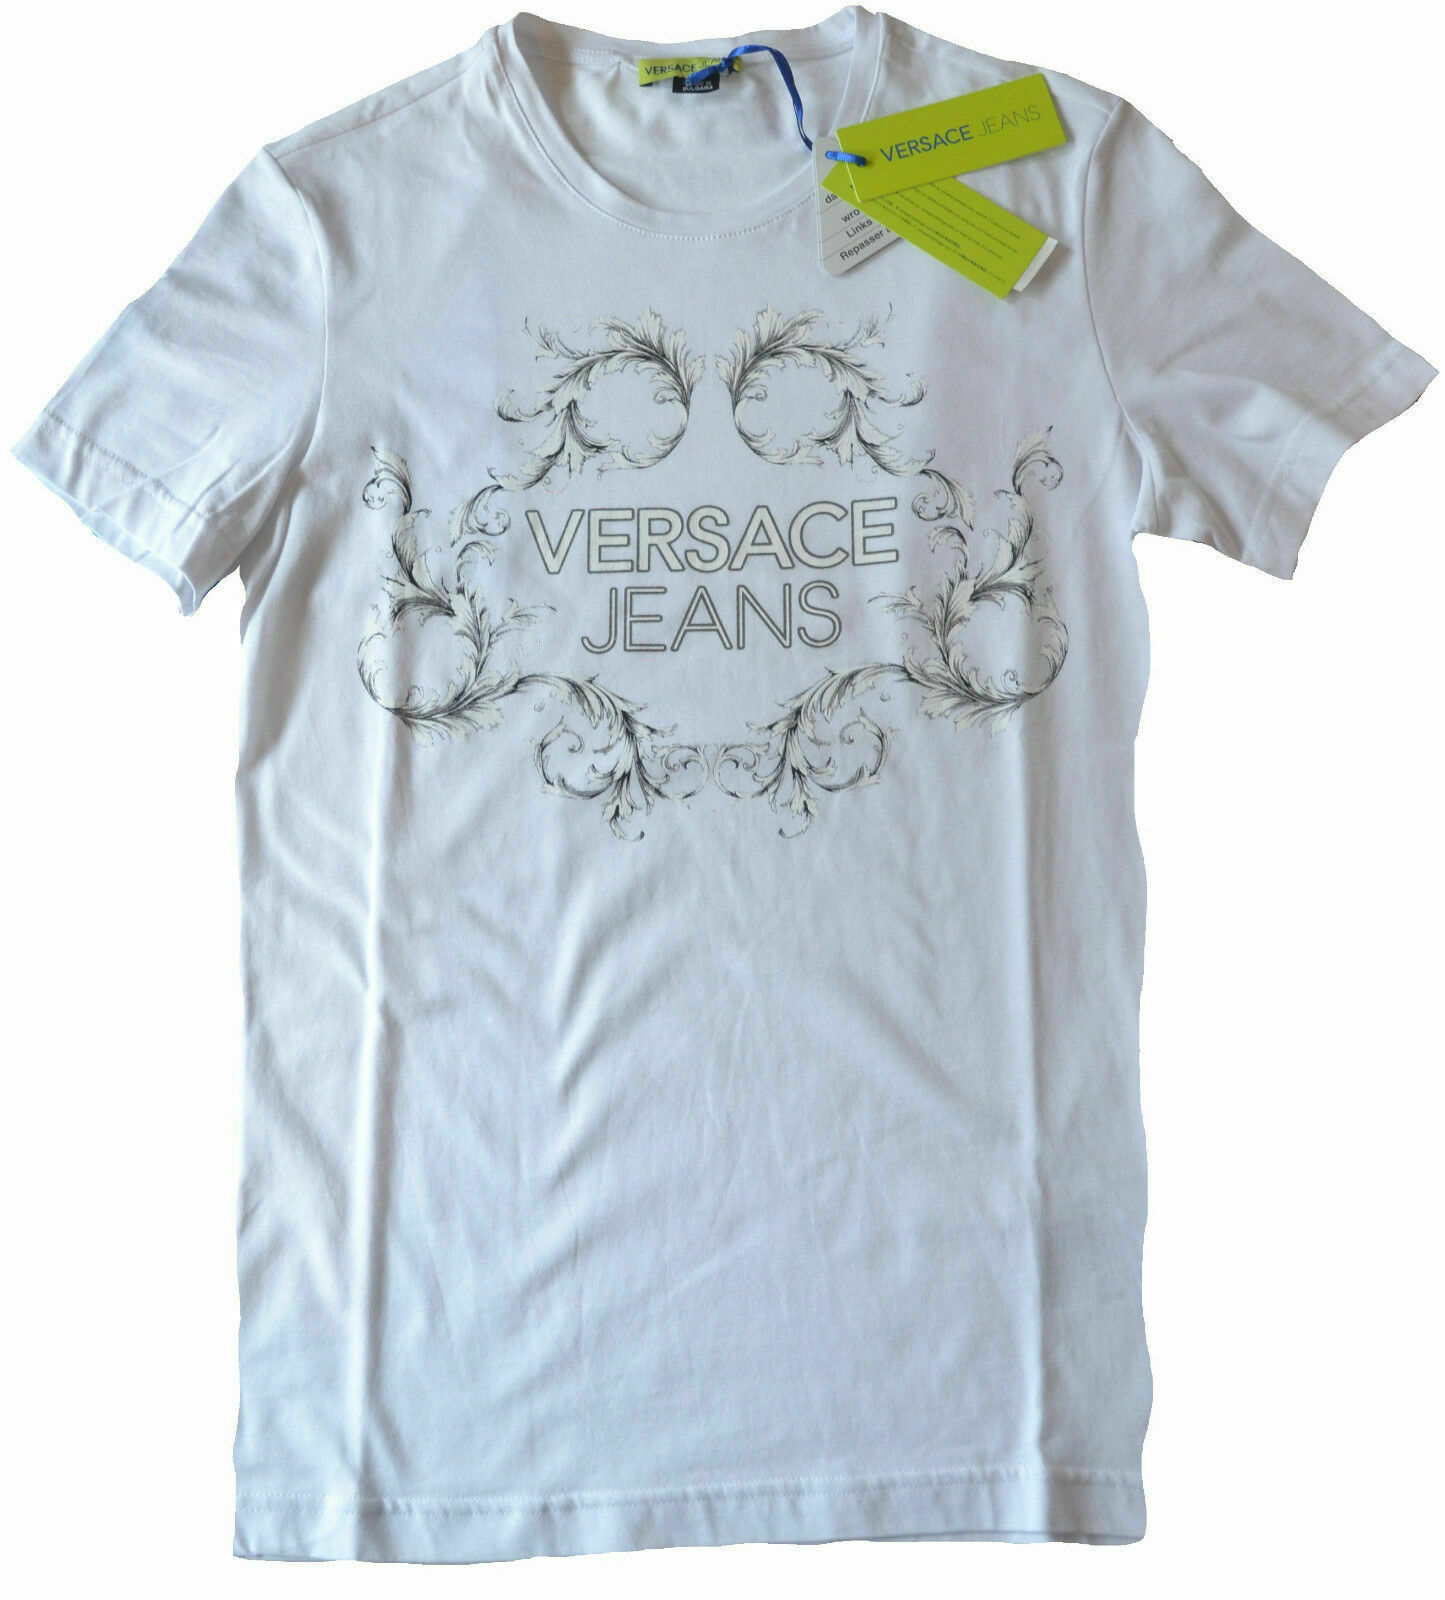 Neuf avec étiquettes Versace Jeans par Gianni Versace Slim Fit Logo Imprimé Graphique T-shirt Taille S Blanc